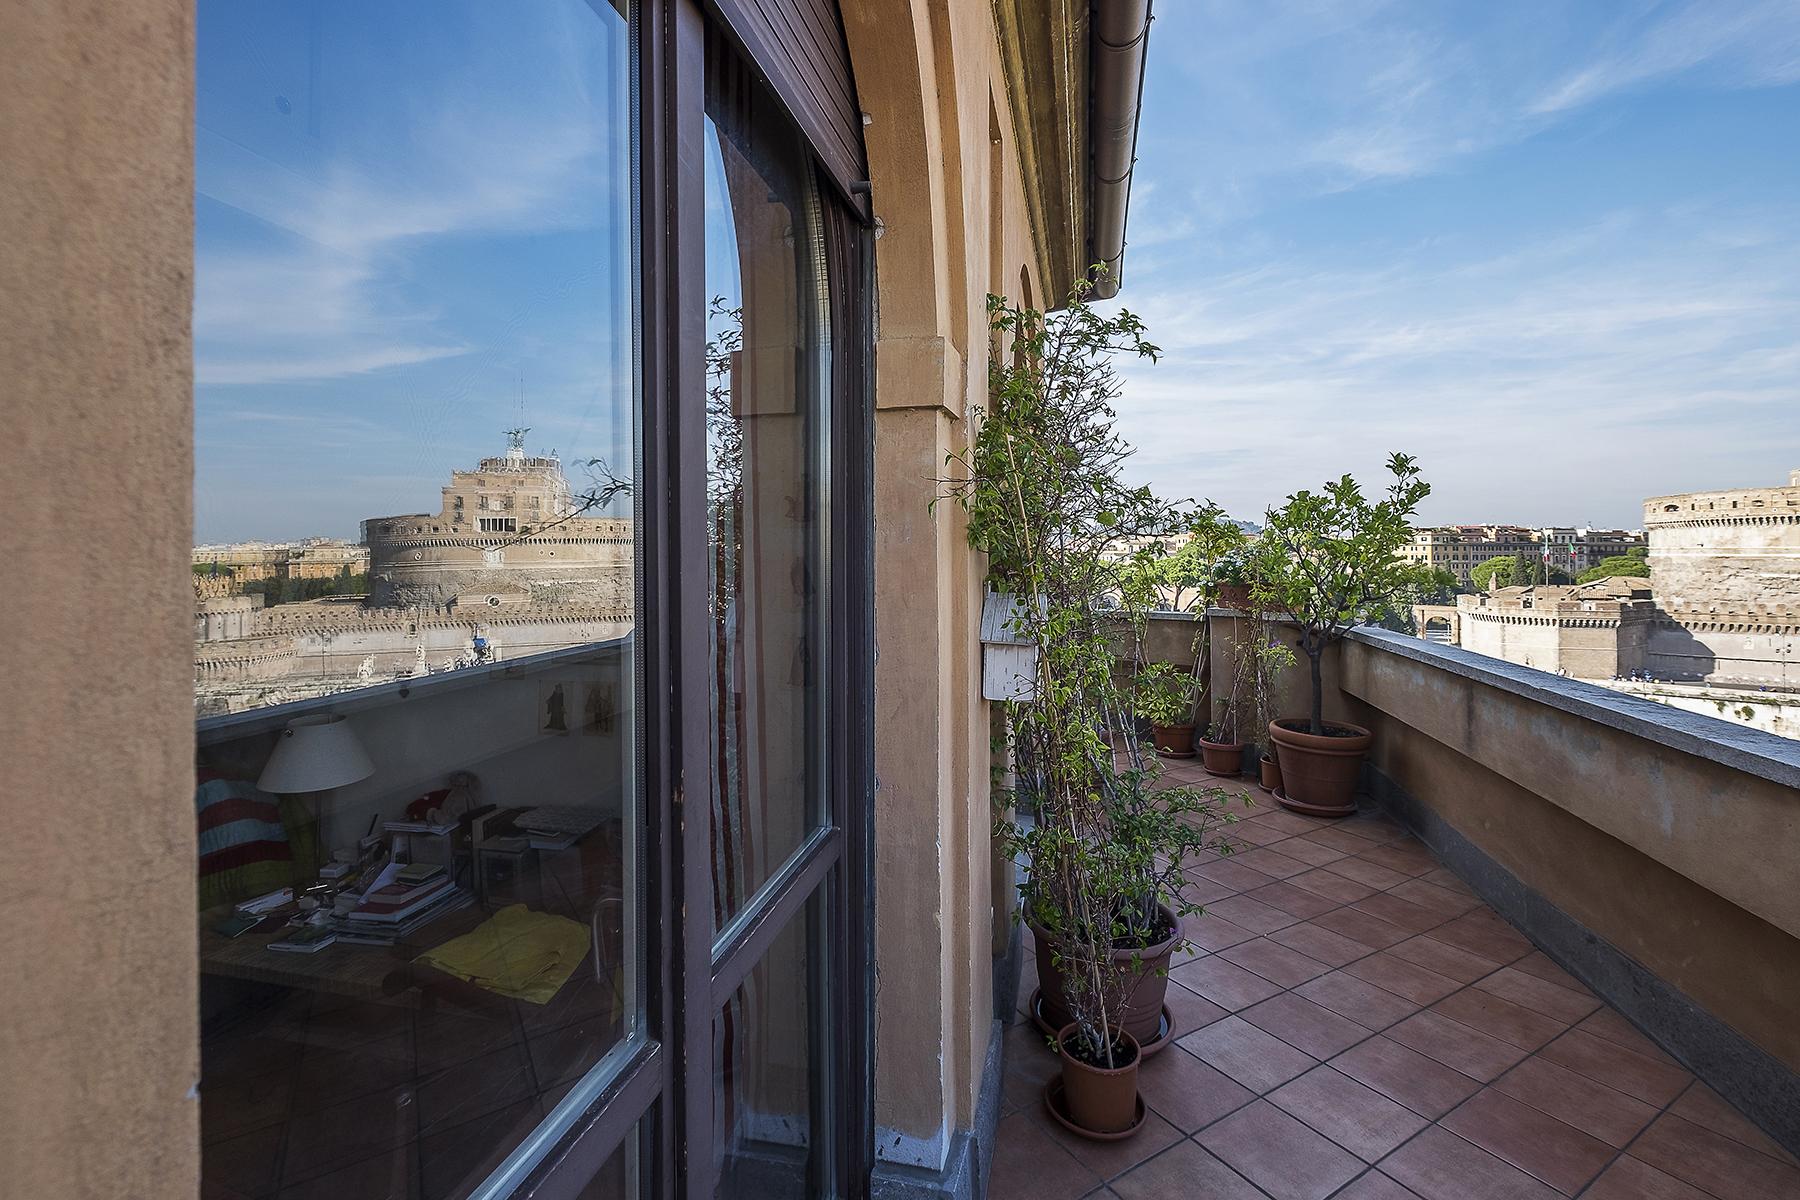 Attico di lusso in affitto a roma trovocasa pregio for Studio affitto roma